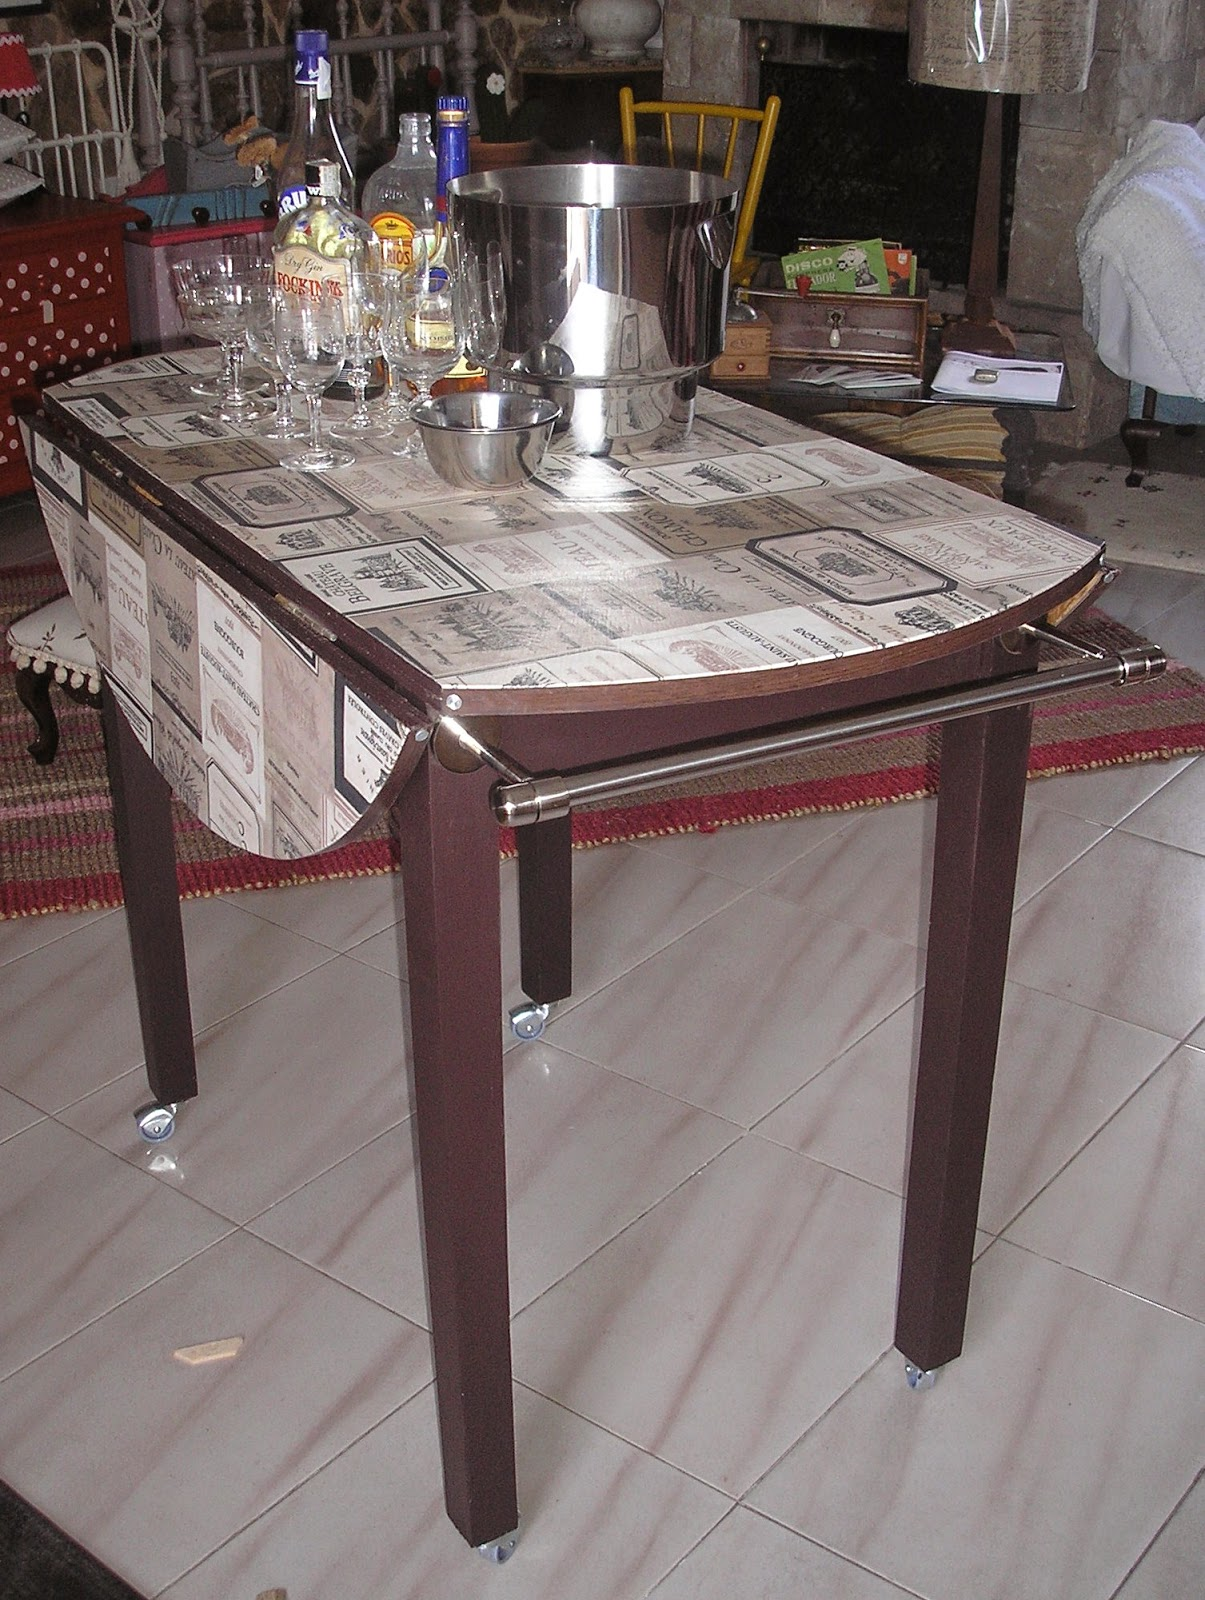 el desvan de mamen mesa de cocina convertida en camarera